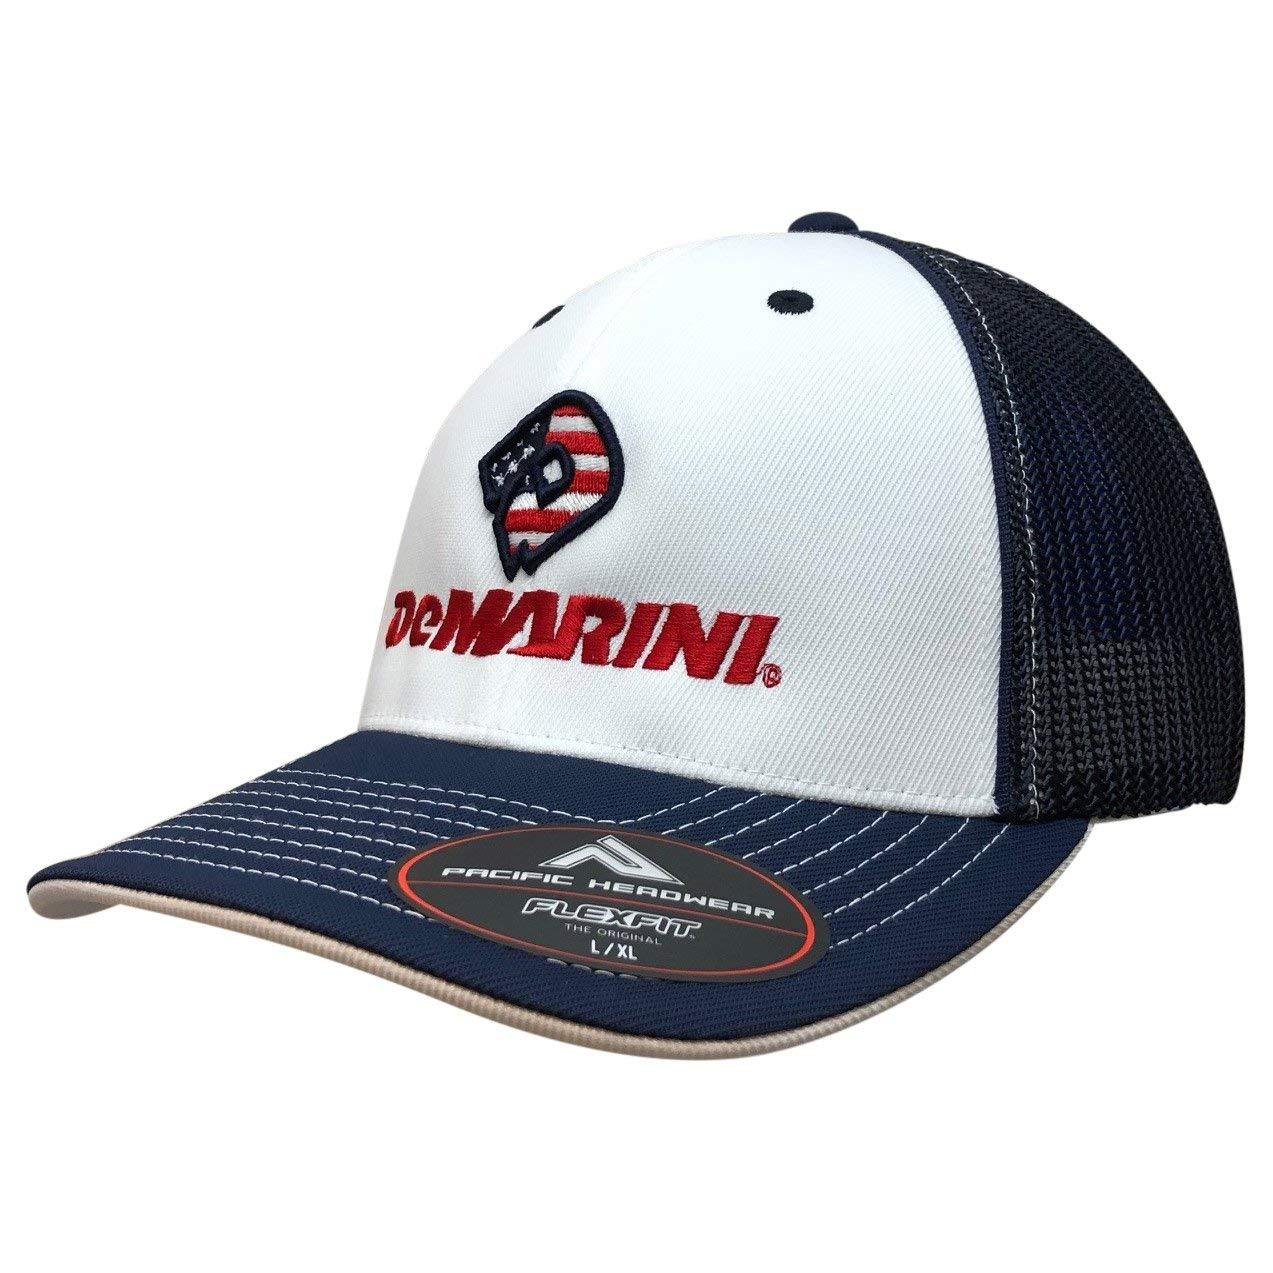 99BATS DeMarini Gold Series Hats